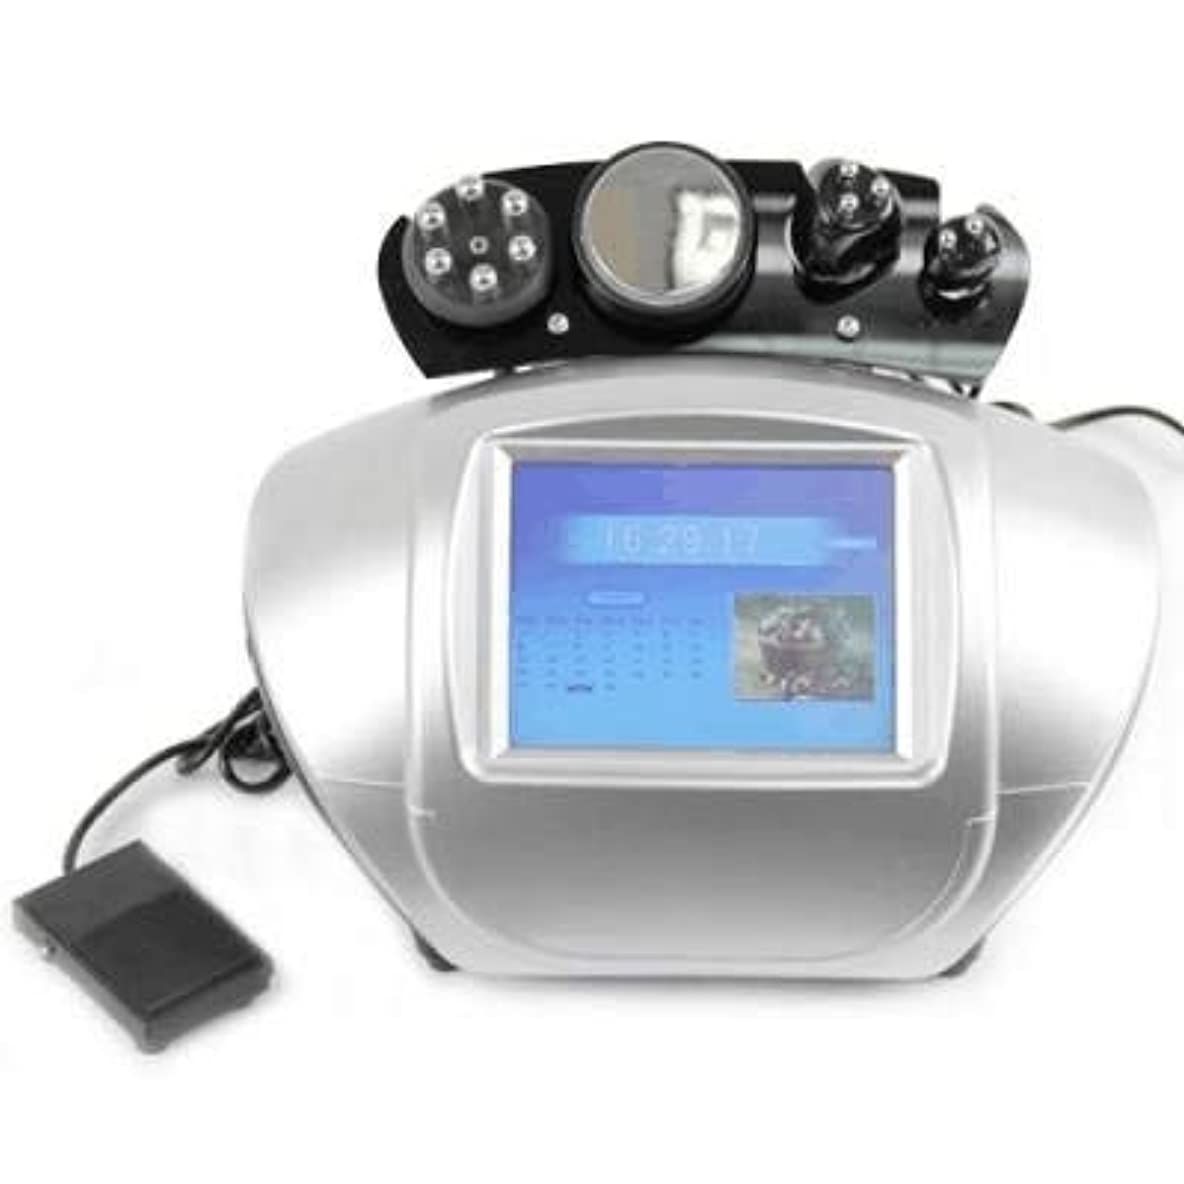 のどラウンジトリプルGoodLongエステサロン多極RF ラジオ波 EMS 超音波 キャビテーション 美容複合機 RU+6